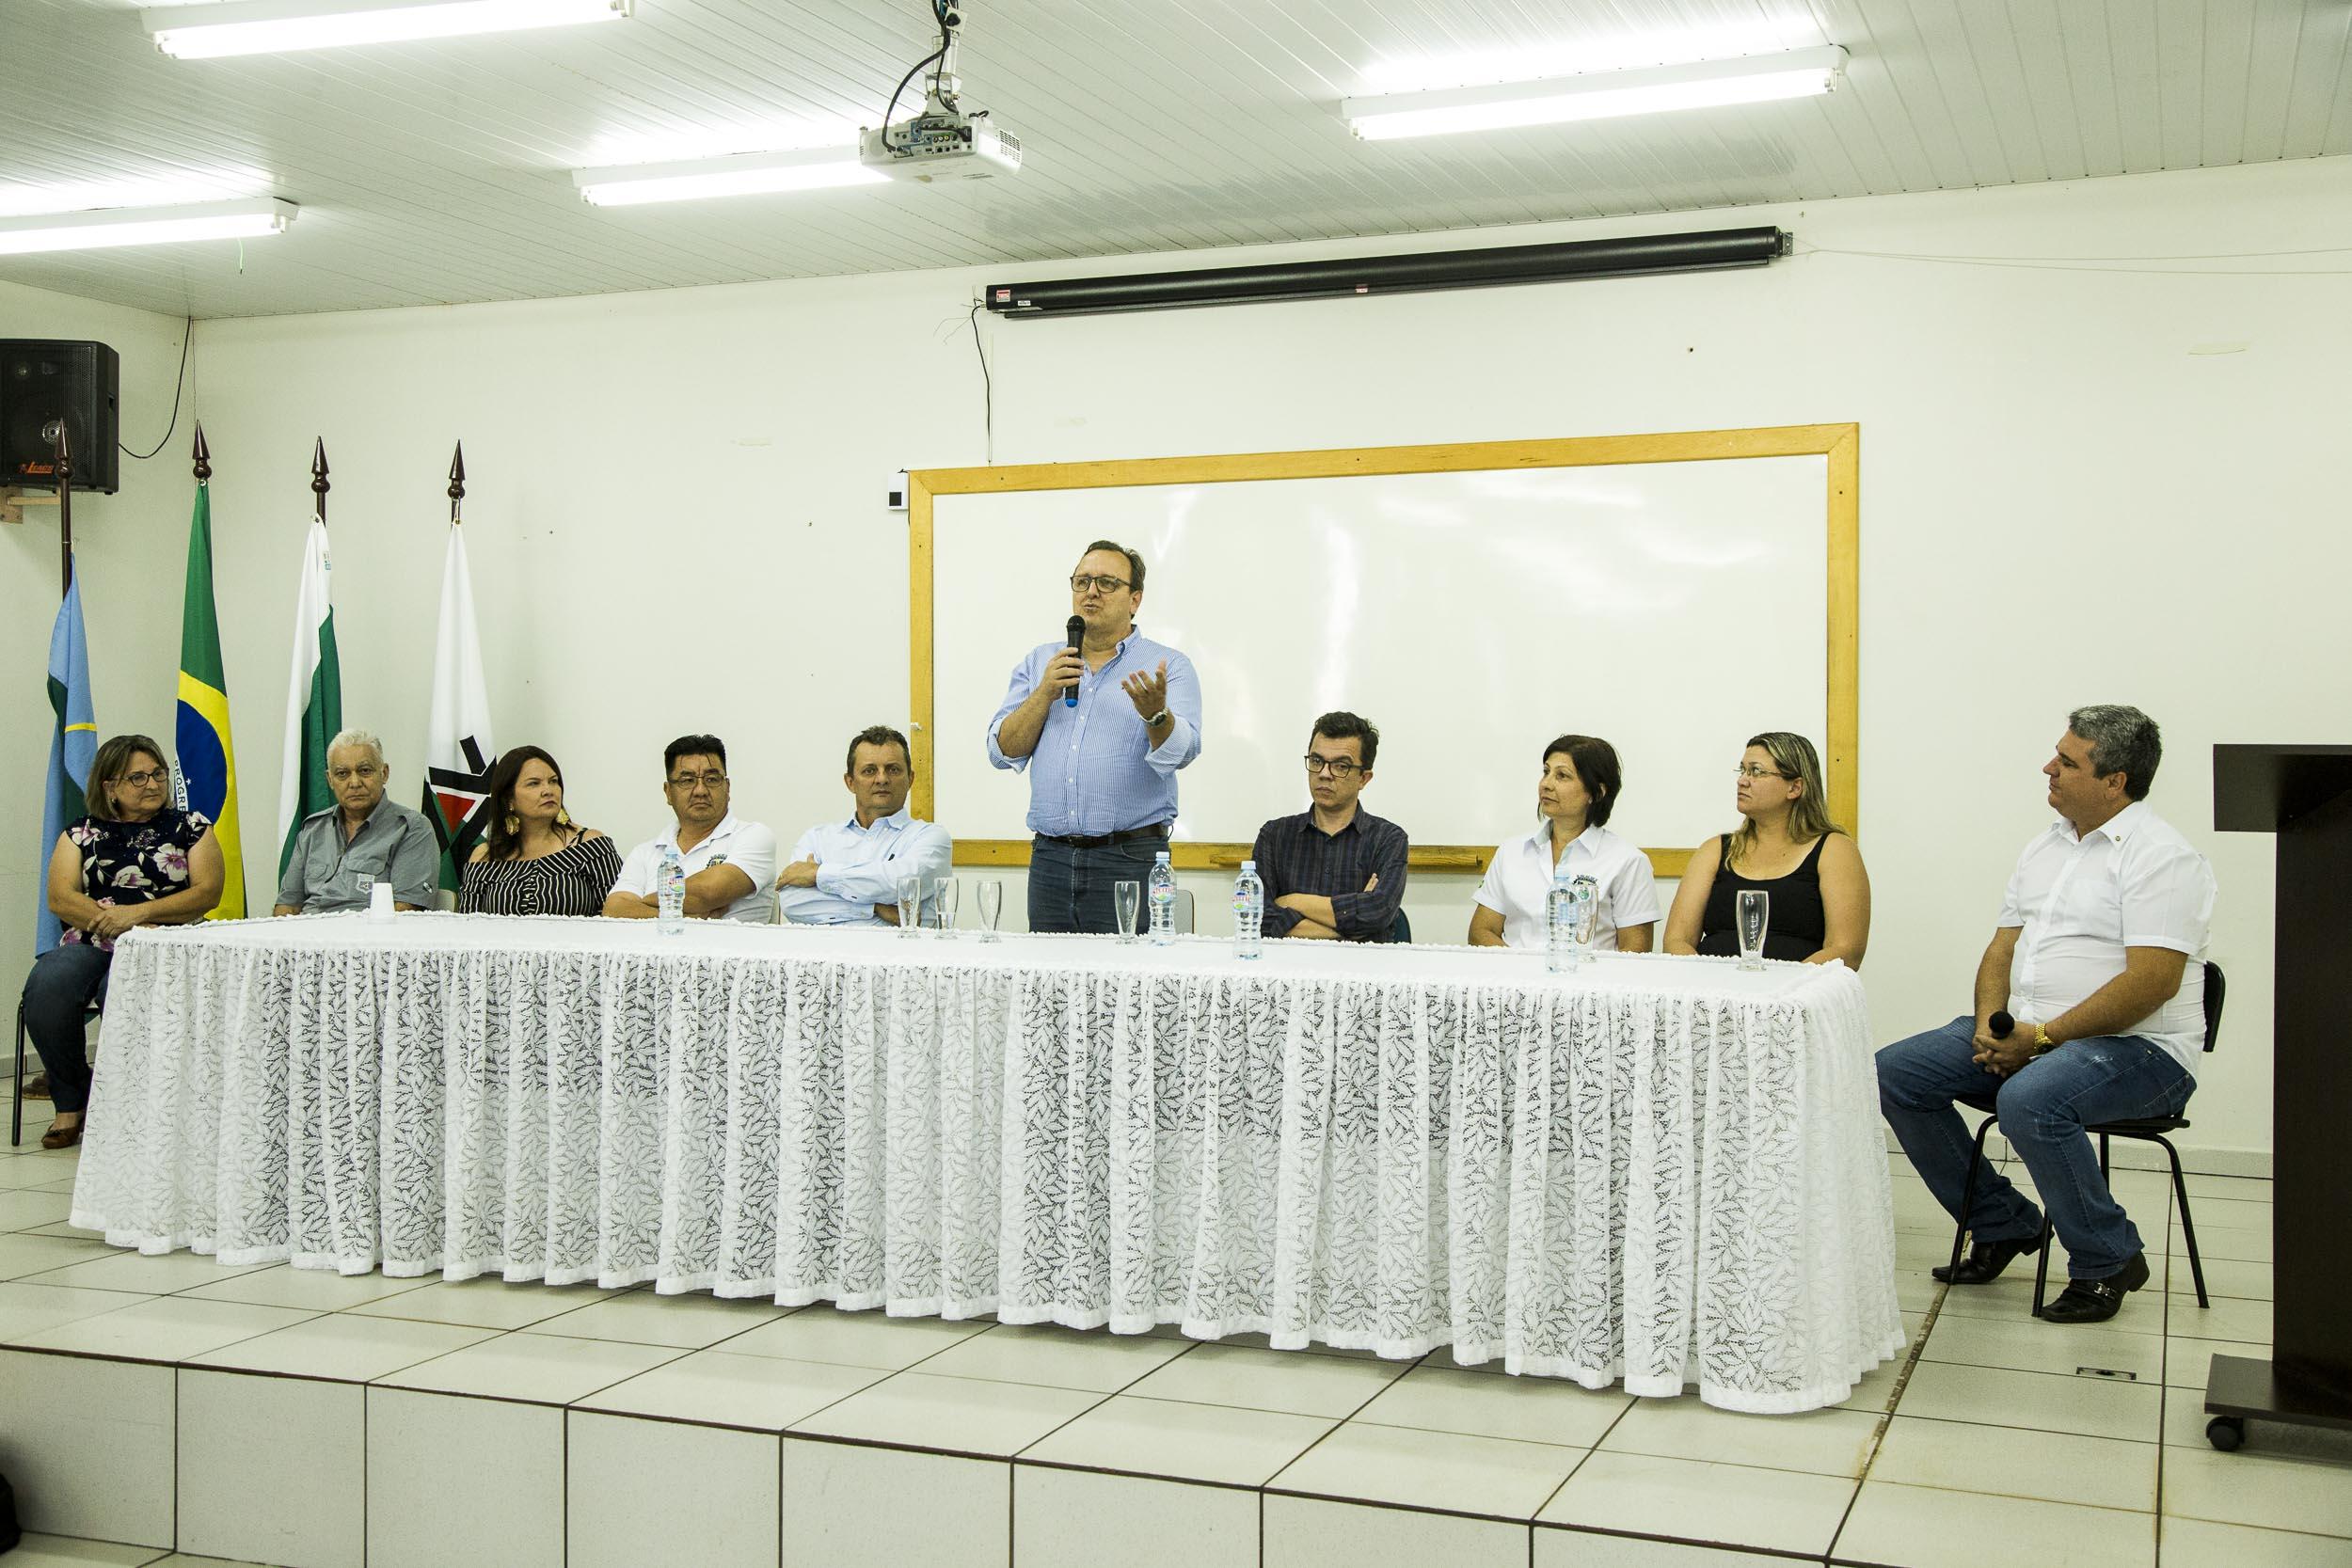 Goioerê recepciona os atuais gestores da UEM